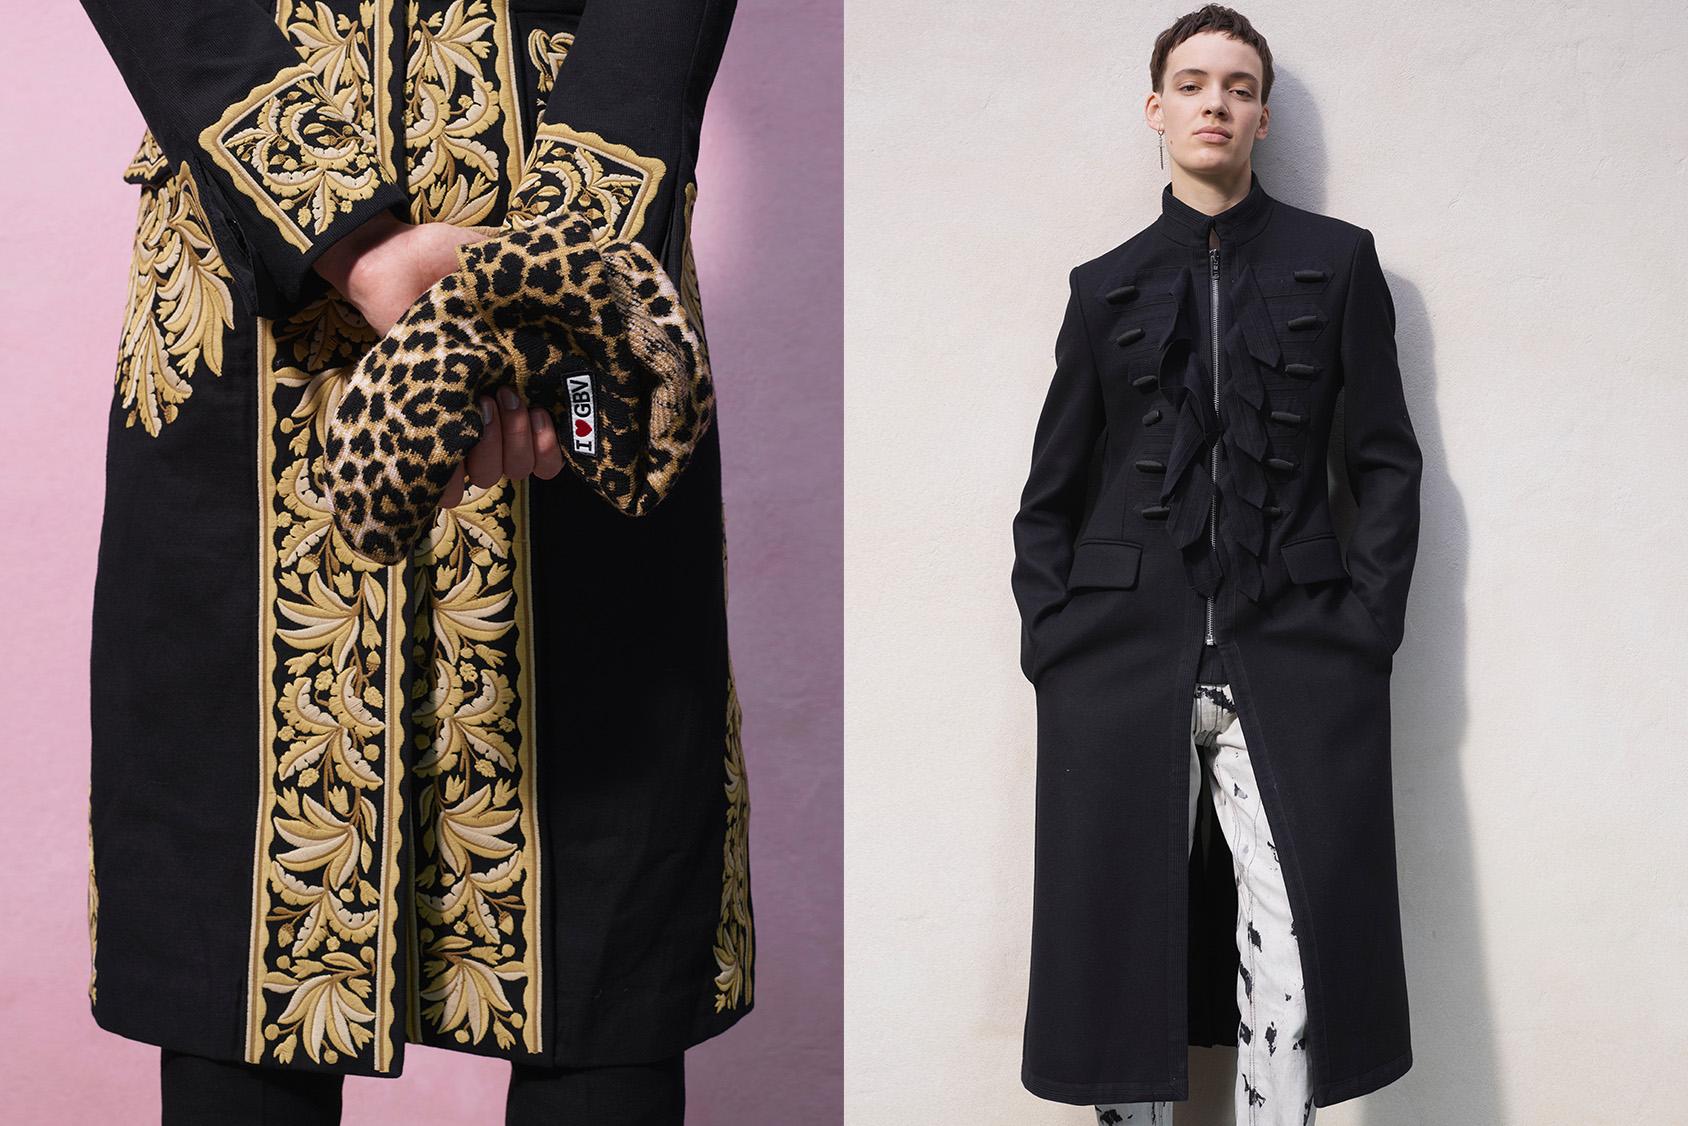 Acquistare New Look-Donna Accessori-Custodia Con Al Miglior Prezzi